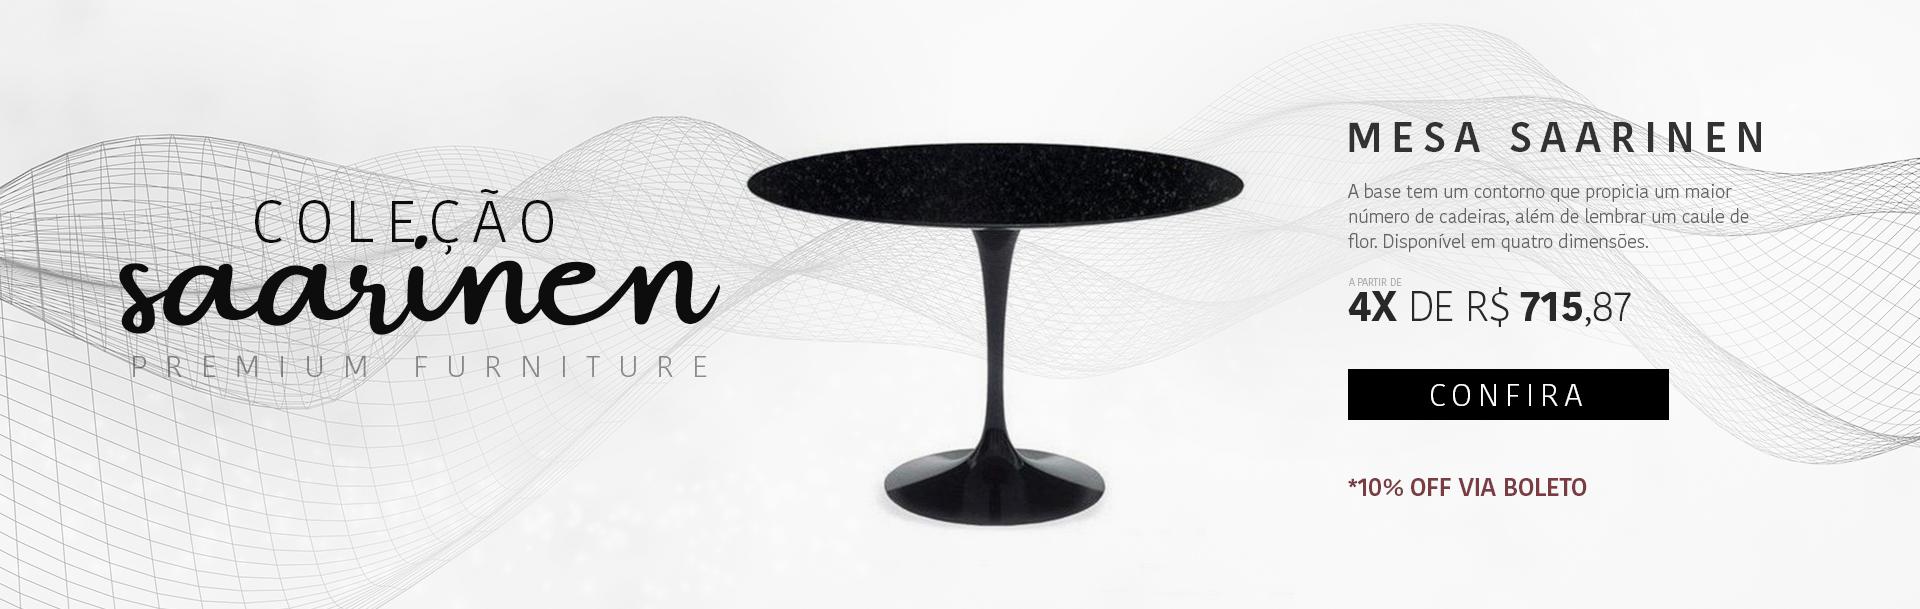 Coleção Saarinen - Mesa Jantar